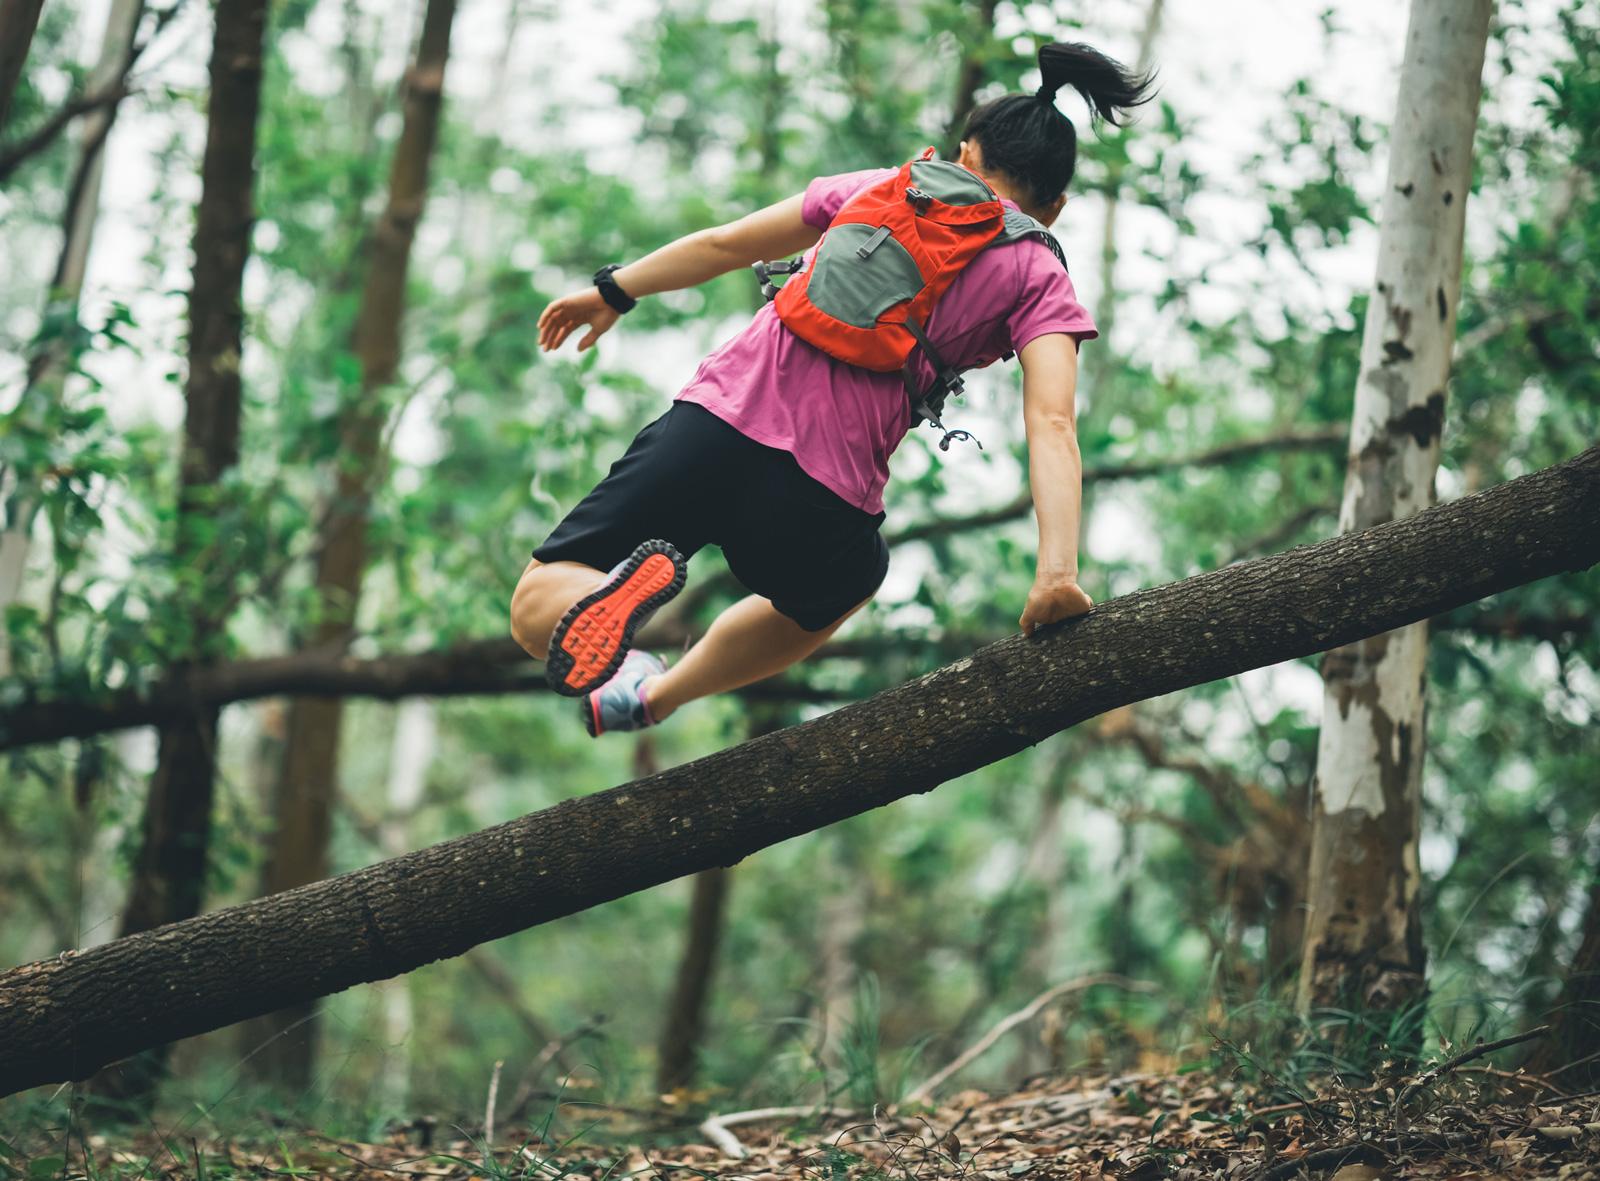 Laufen querfeldein: Trailrunning